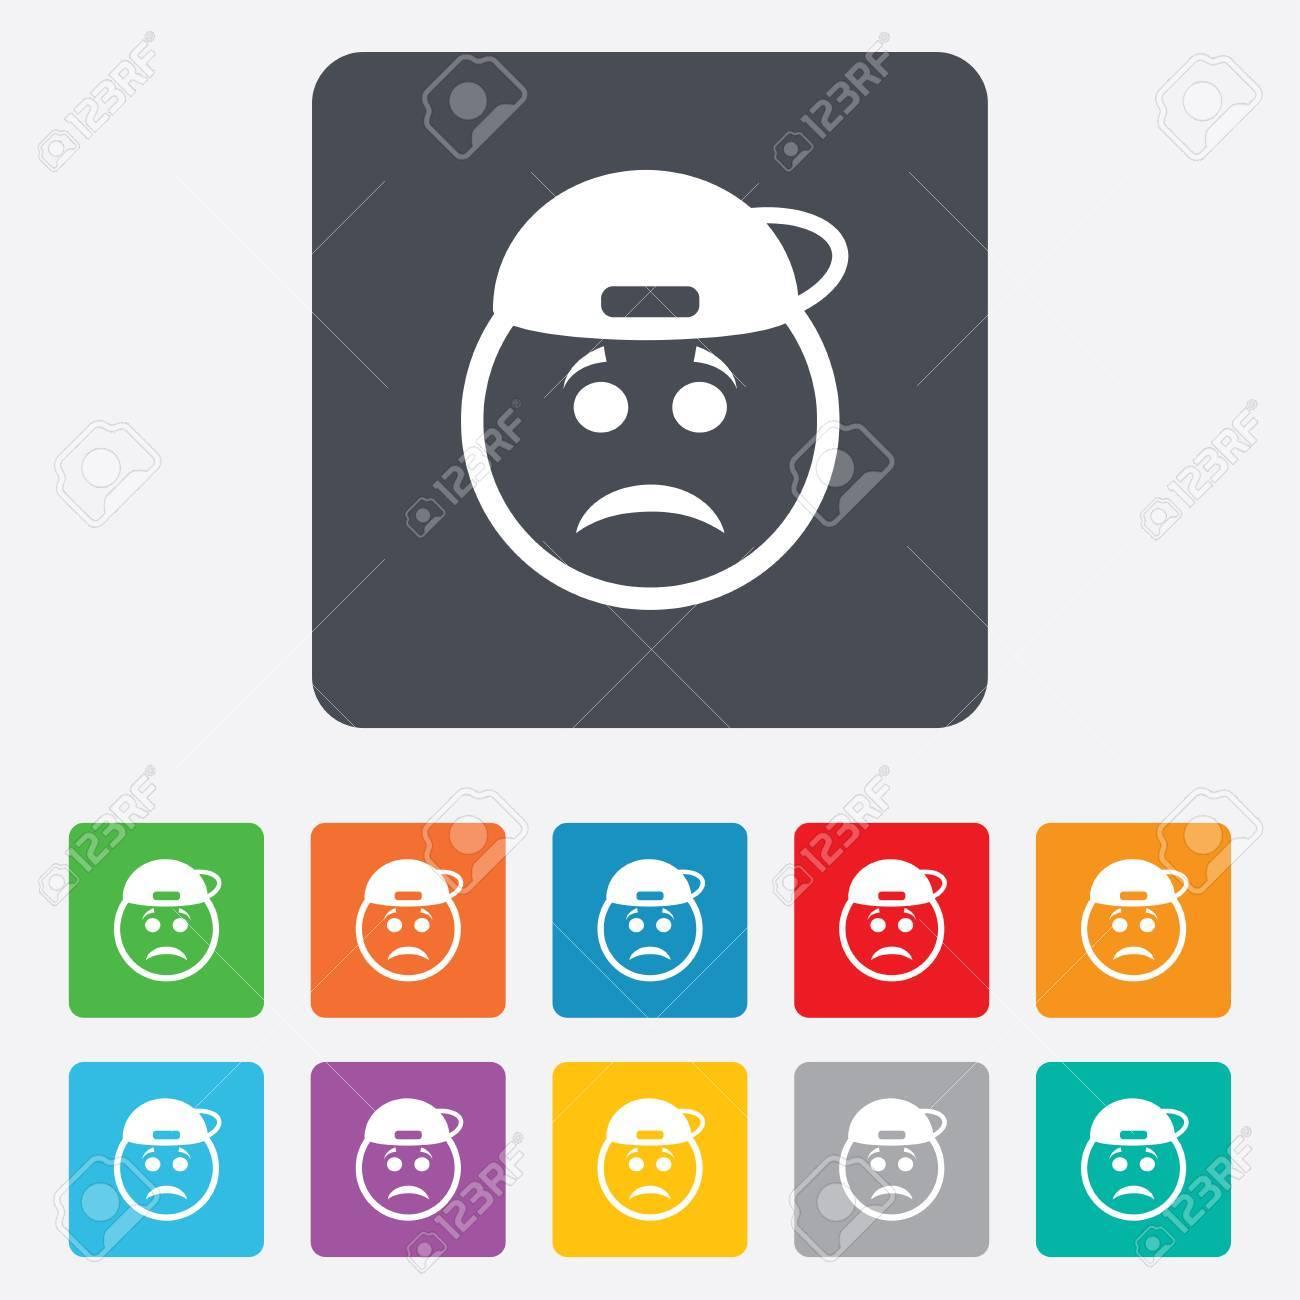 Foto de archivo , Triste signo icono cara rapero. Tristeza símbolo  depresión de chat. Cuadrados redondeados 11 botones.